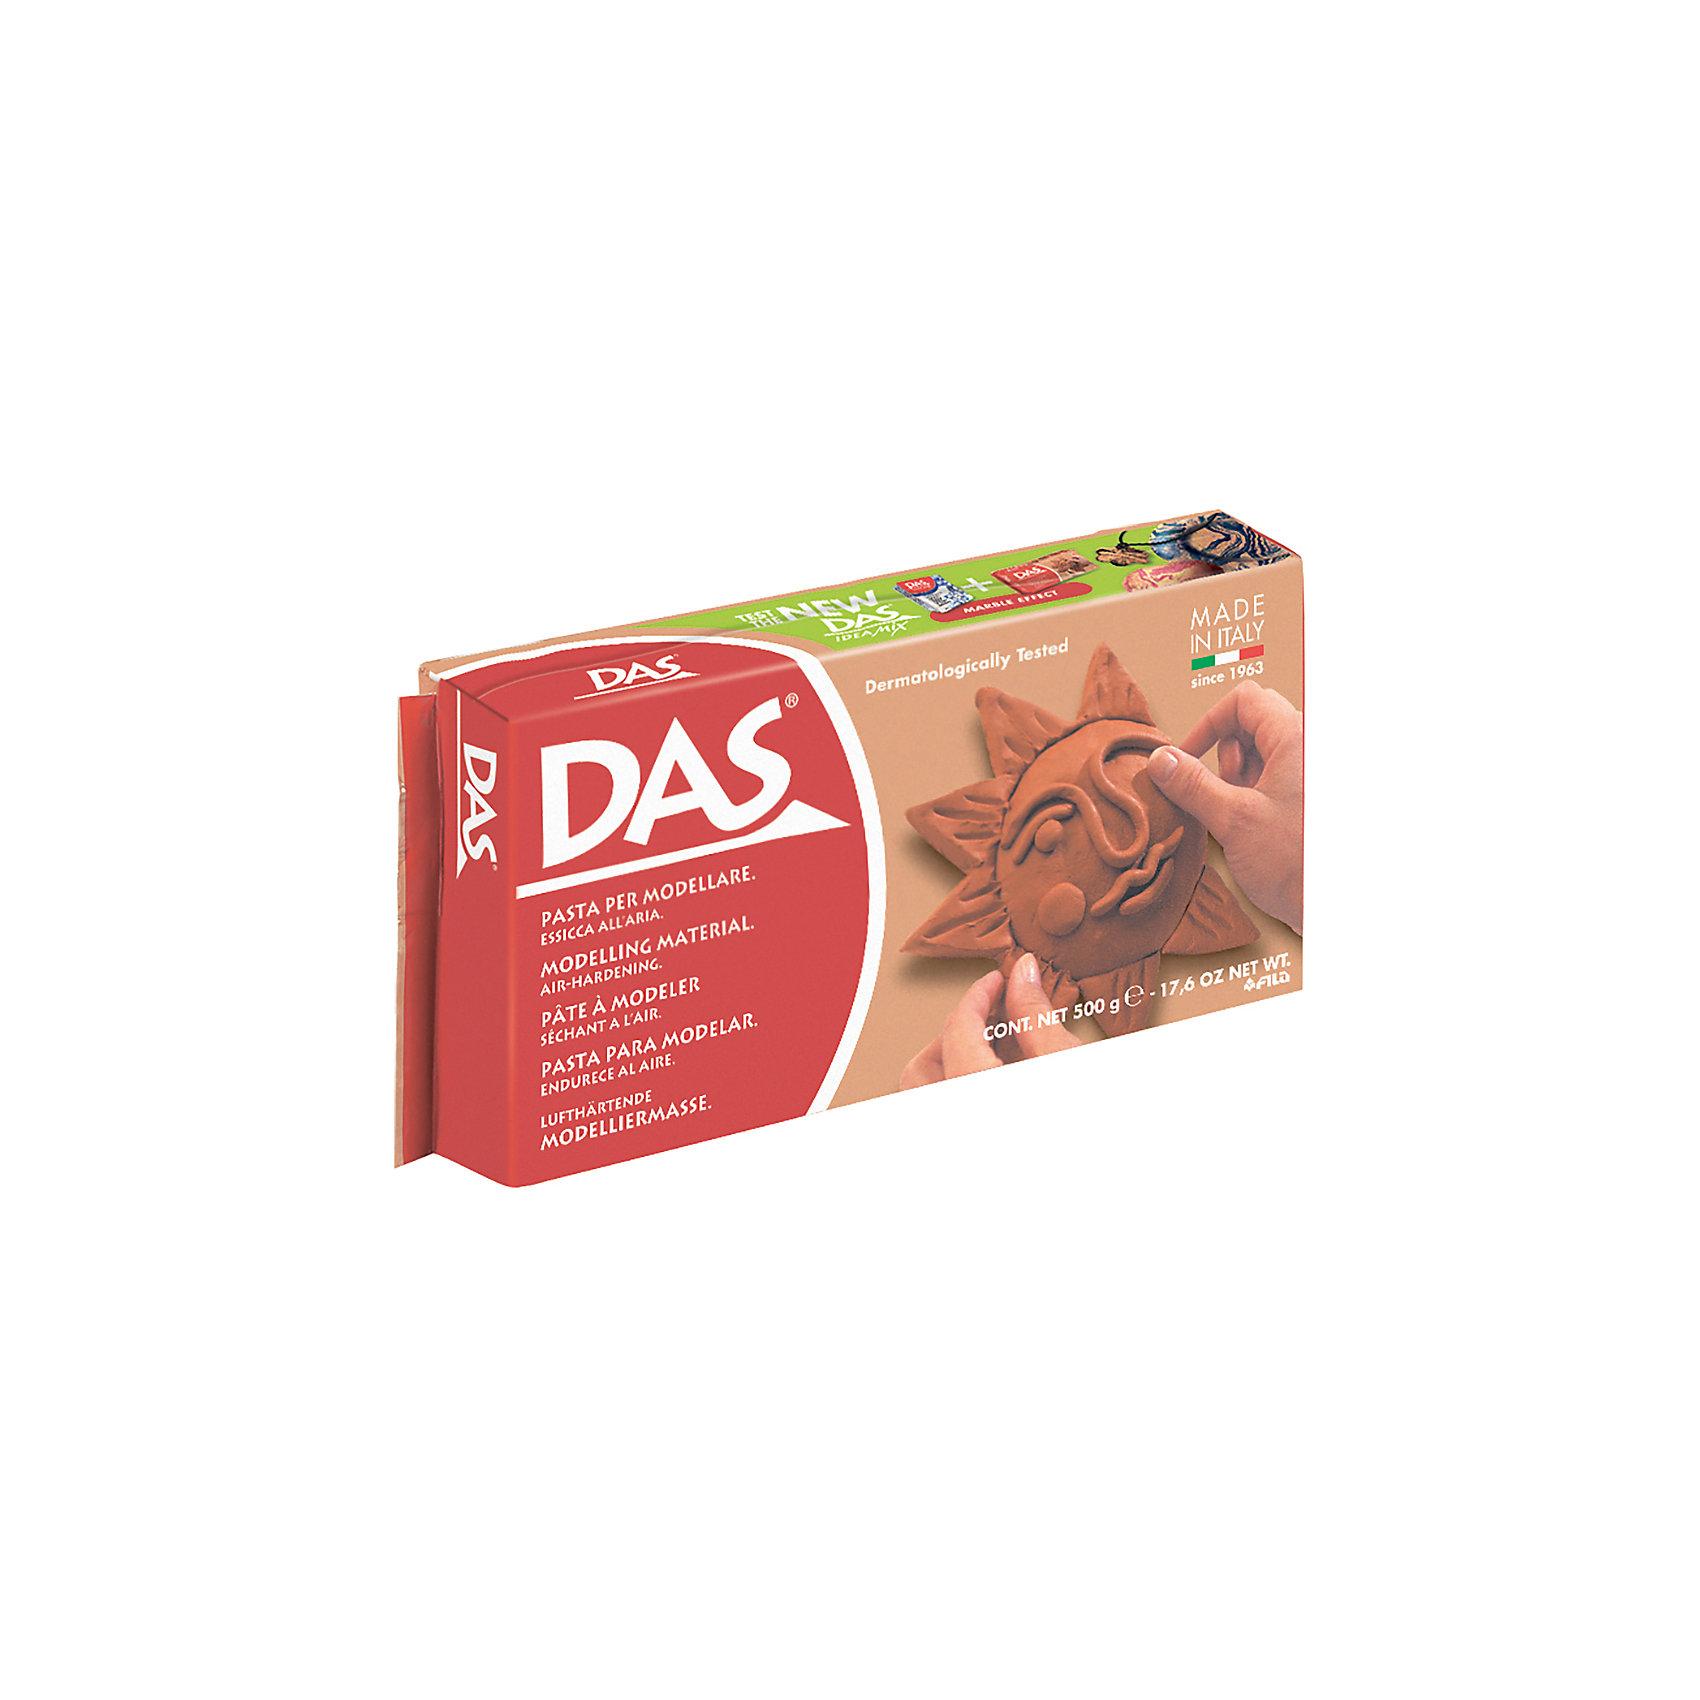 Масса для моделирования на основе натуральной глины, терракотовая, 500 гНаборы полимерной глины<br>Характеристики товара:<br><br>• масса пасты: 500 грамм;<br>• цвет пасты: терракотовый;<br>• размер упаковки: 30,5х17х21 см;<br>• вес: 500 грамм;<br>• возраст: от 3 лет.<br><br>Паста DAS прекрасно подойдет для самостоятельных занятий по моделированию. Она не требует специальной подготовки и уже готова к использованию. Во время использования пасту можно смачивать водой. Терракотовый цвет пасты подходит для имитации изделий из красной глины. Не требует обжига.<br><br>Паста DAS не прилипает к рукам и хорошо шлифуется. Готовые поделки подходят для окрашивания акриловыми красками и лаком. Для затвердения пасты необходимо оставить фигурку на воздухе. Время высыхания занимает от нескольких часов до нескольких суток, в зависимости от объема фигурки. Готовая фигурка не трескается.<br><br>DAS (Дас) пасту для моделирования,  500 гр, терракотовая можно купить в нашем интернет-магазине.<br><br>Ширина мм: 75<br>Глубина мм: 35<br>Высота мм: 150<br>Вес г: 525<br>Возраст от месяцев: 72<br>Возраст до месяцев: 120<br>Пол: Унисекс<br>Возраст: Детский<br>SKU: 5107855